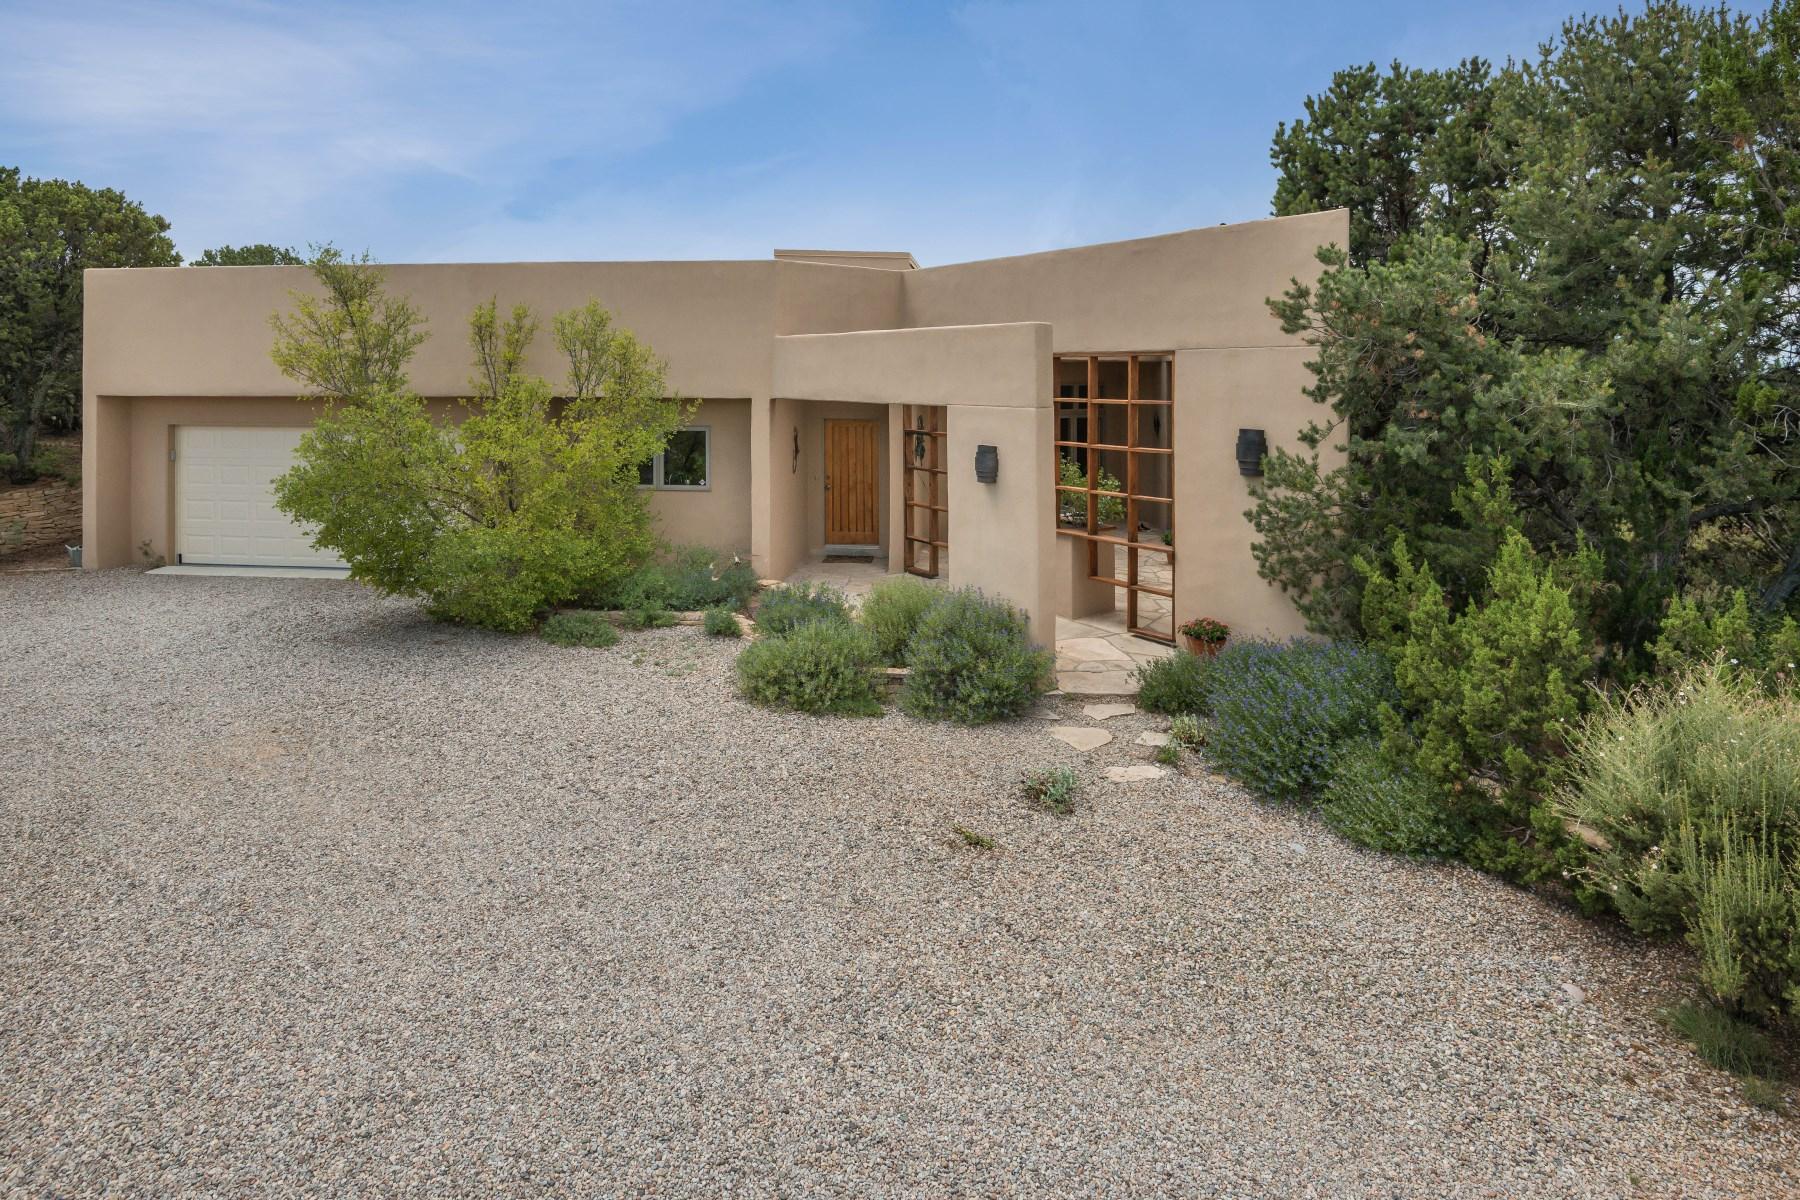 Casa para uma família para Venda às 3116 Vista Sandia Northwest Of City Limits, Santa Fe, Novo México, 87506 Estados Unidos